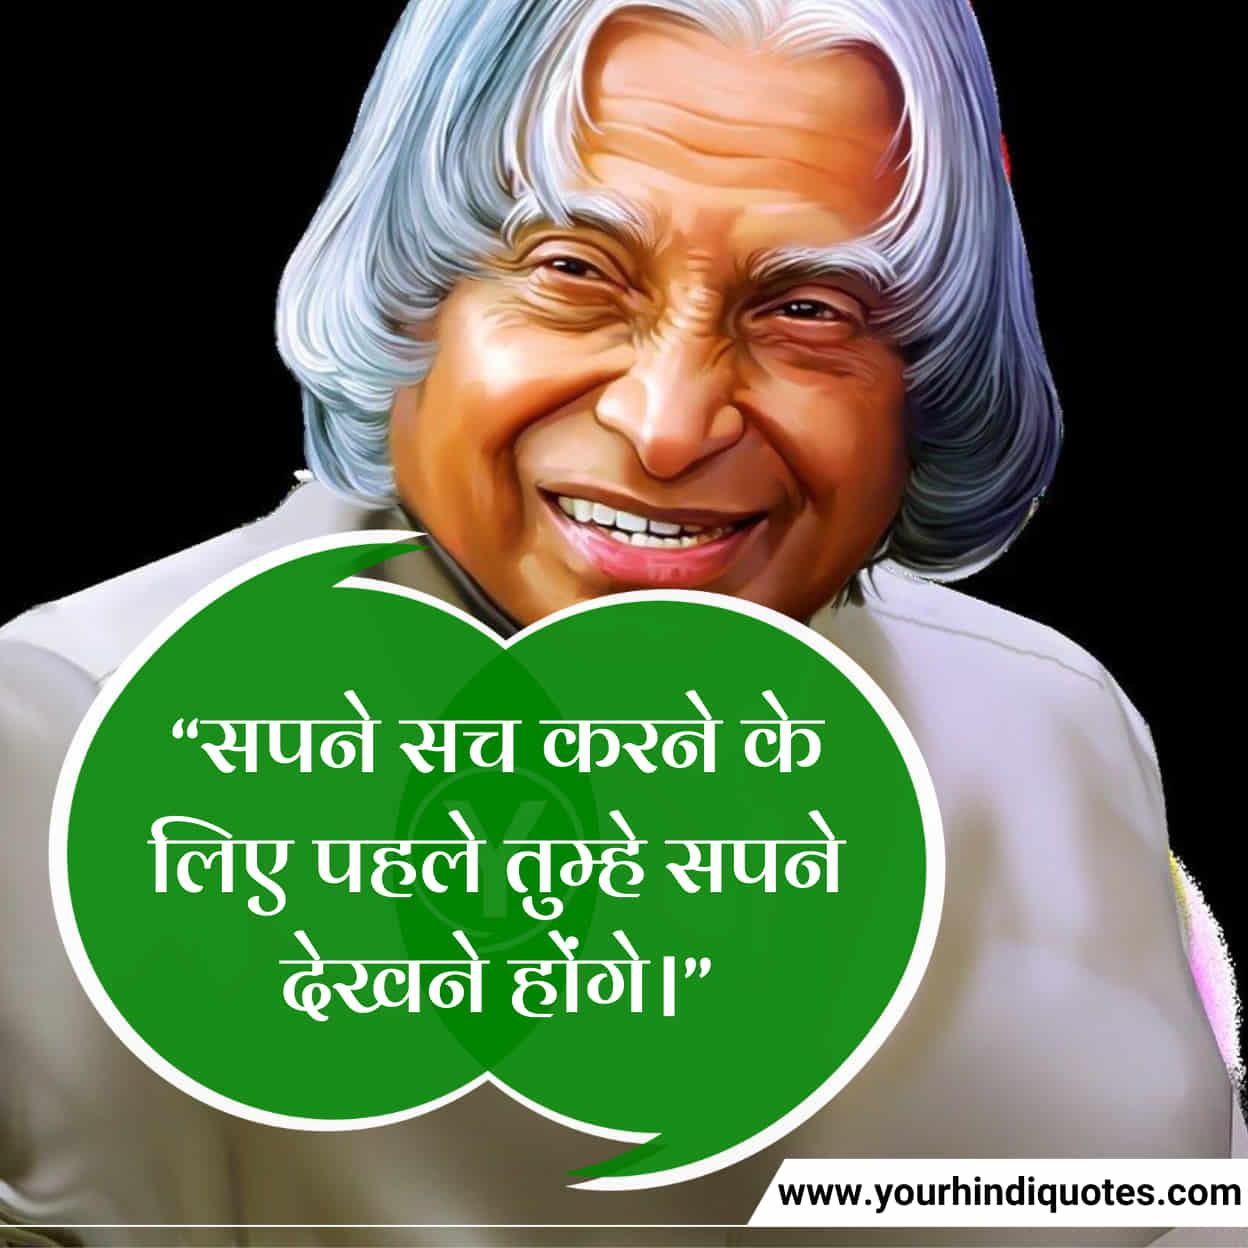 Inspiring Hindi Students Quotes